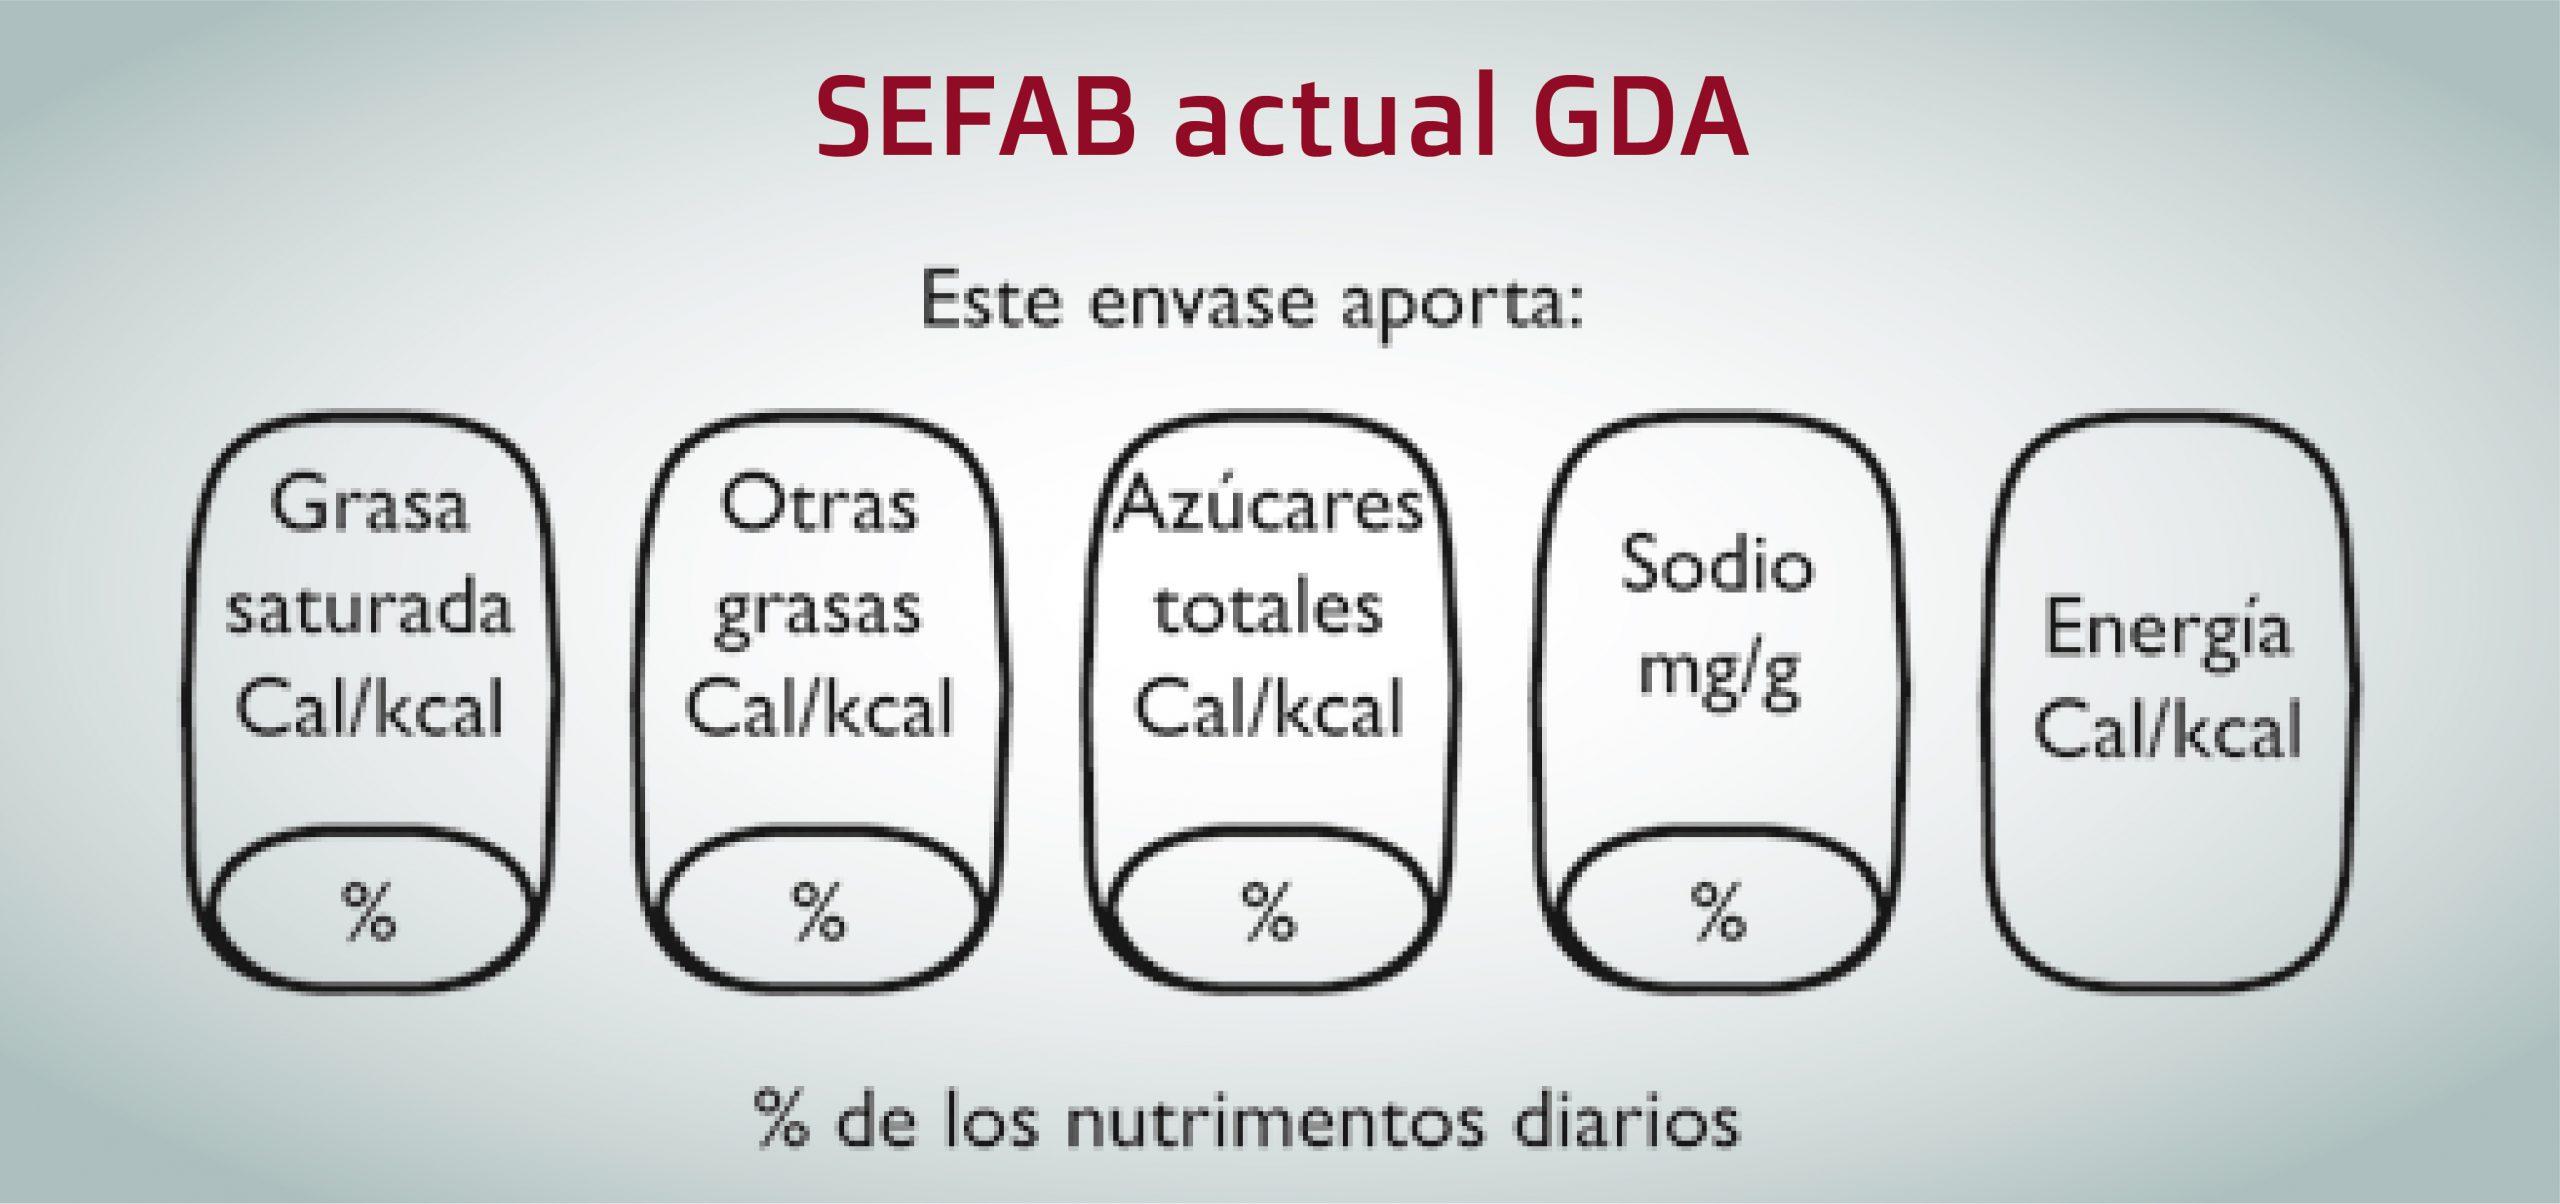 SEFAB_actual_GDA